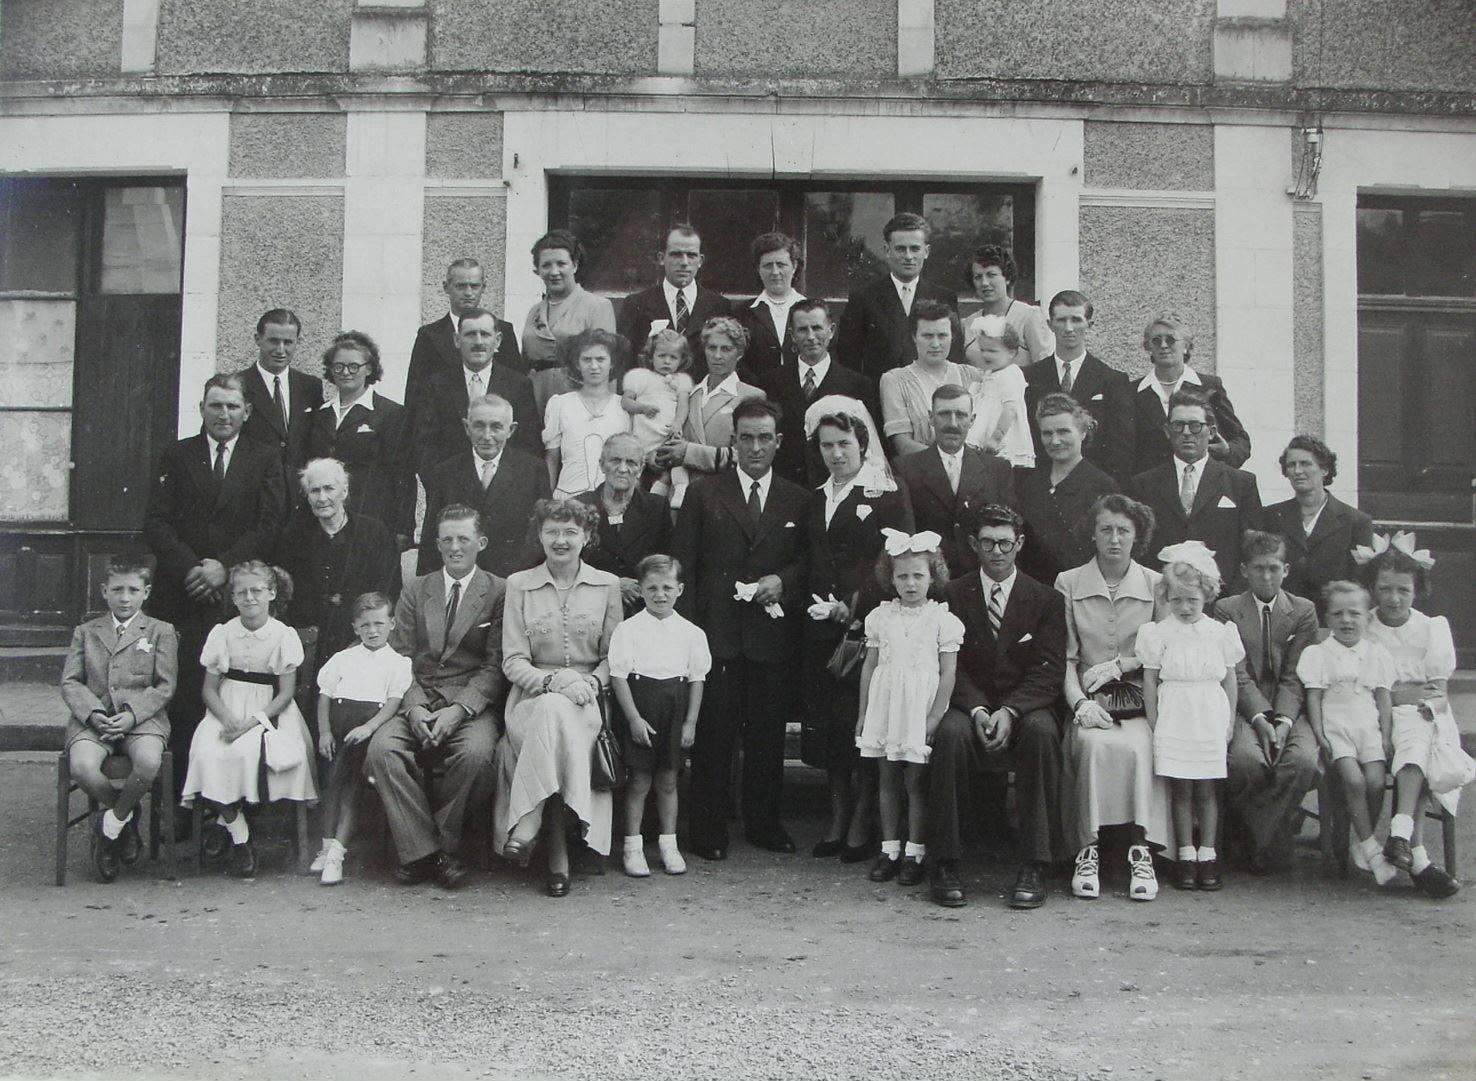 Saint Germain d'Arcé - Mariage - CARDINEAU Lucien et LONGEAU Raymonde - 1er octobre 1949 - Vue 01 (Christophe Menu dit Tahiti)